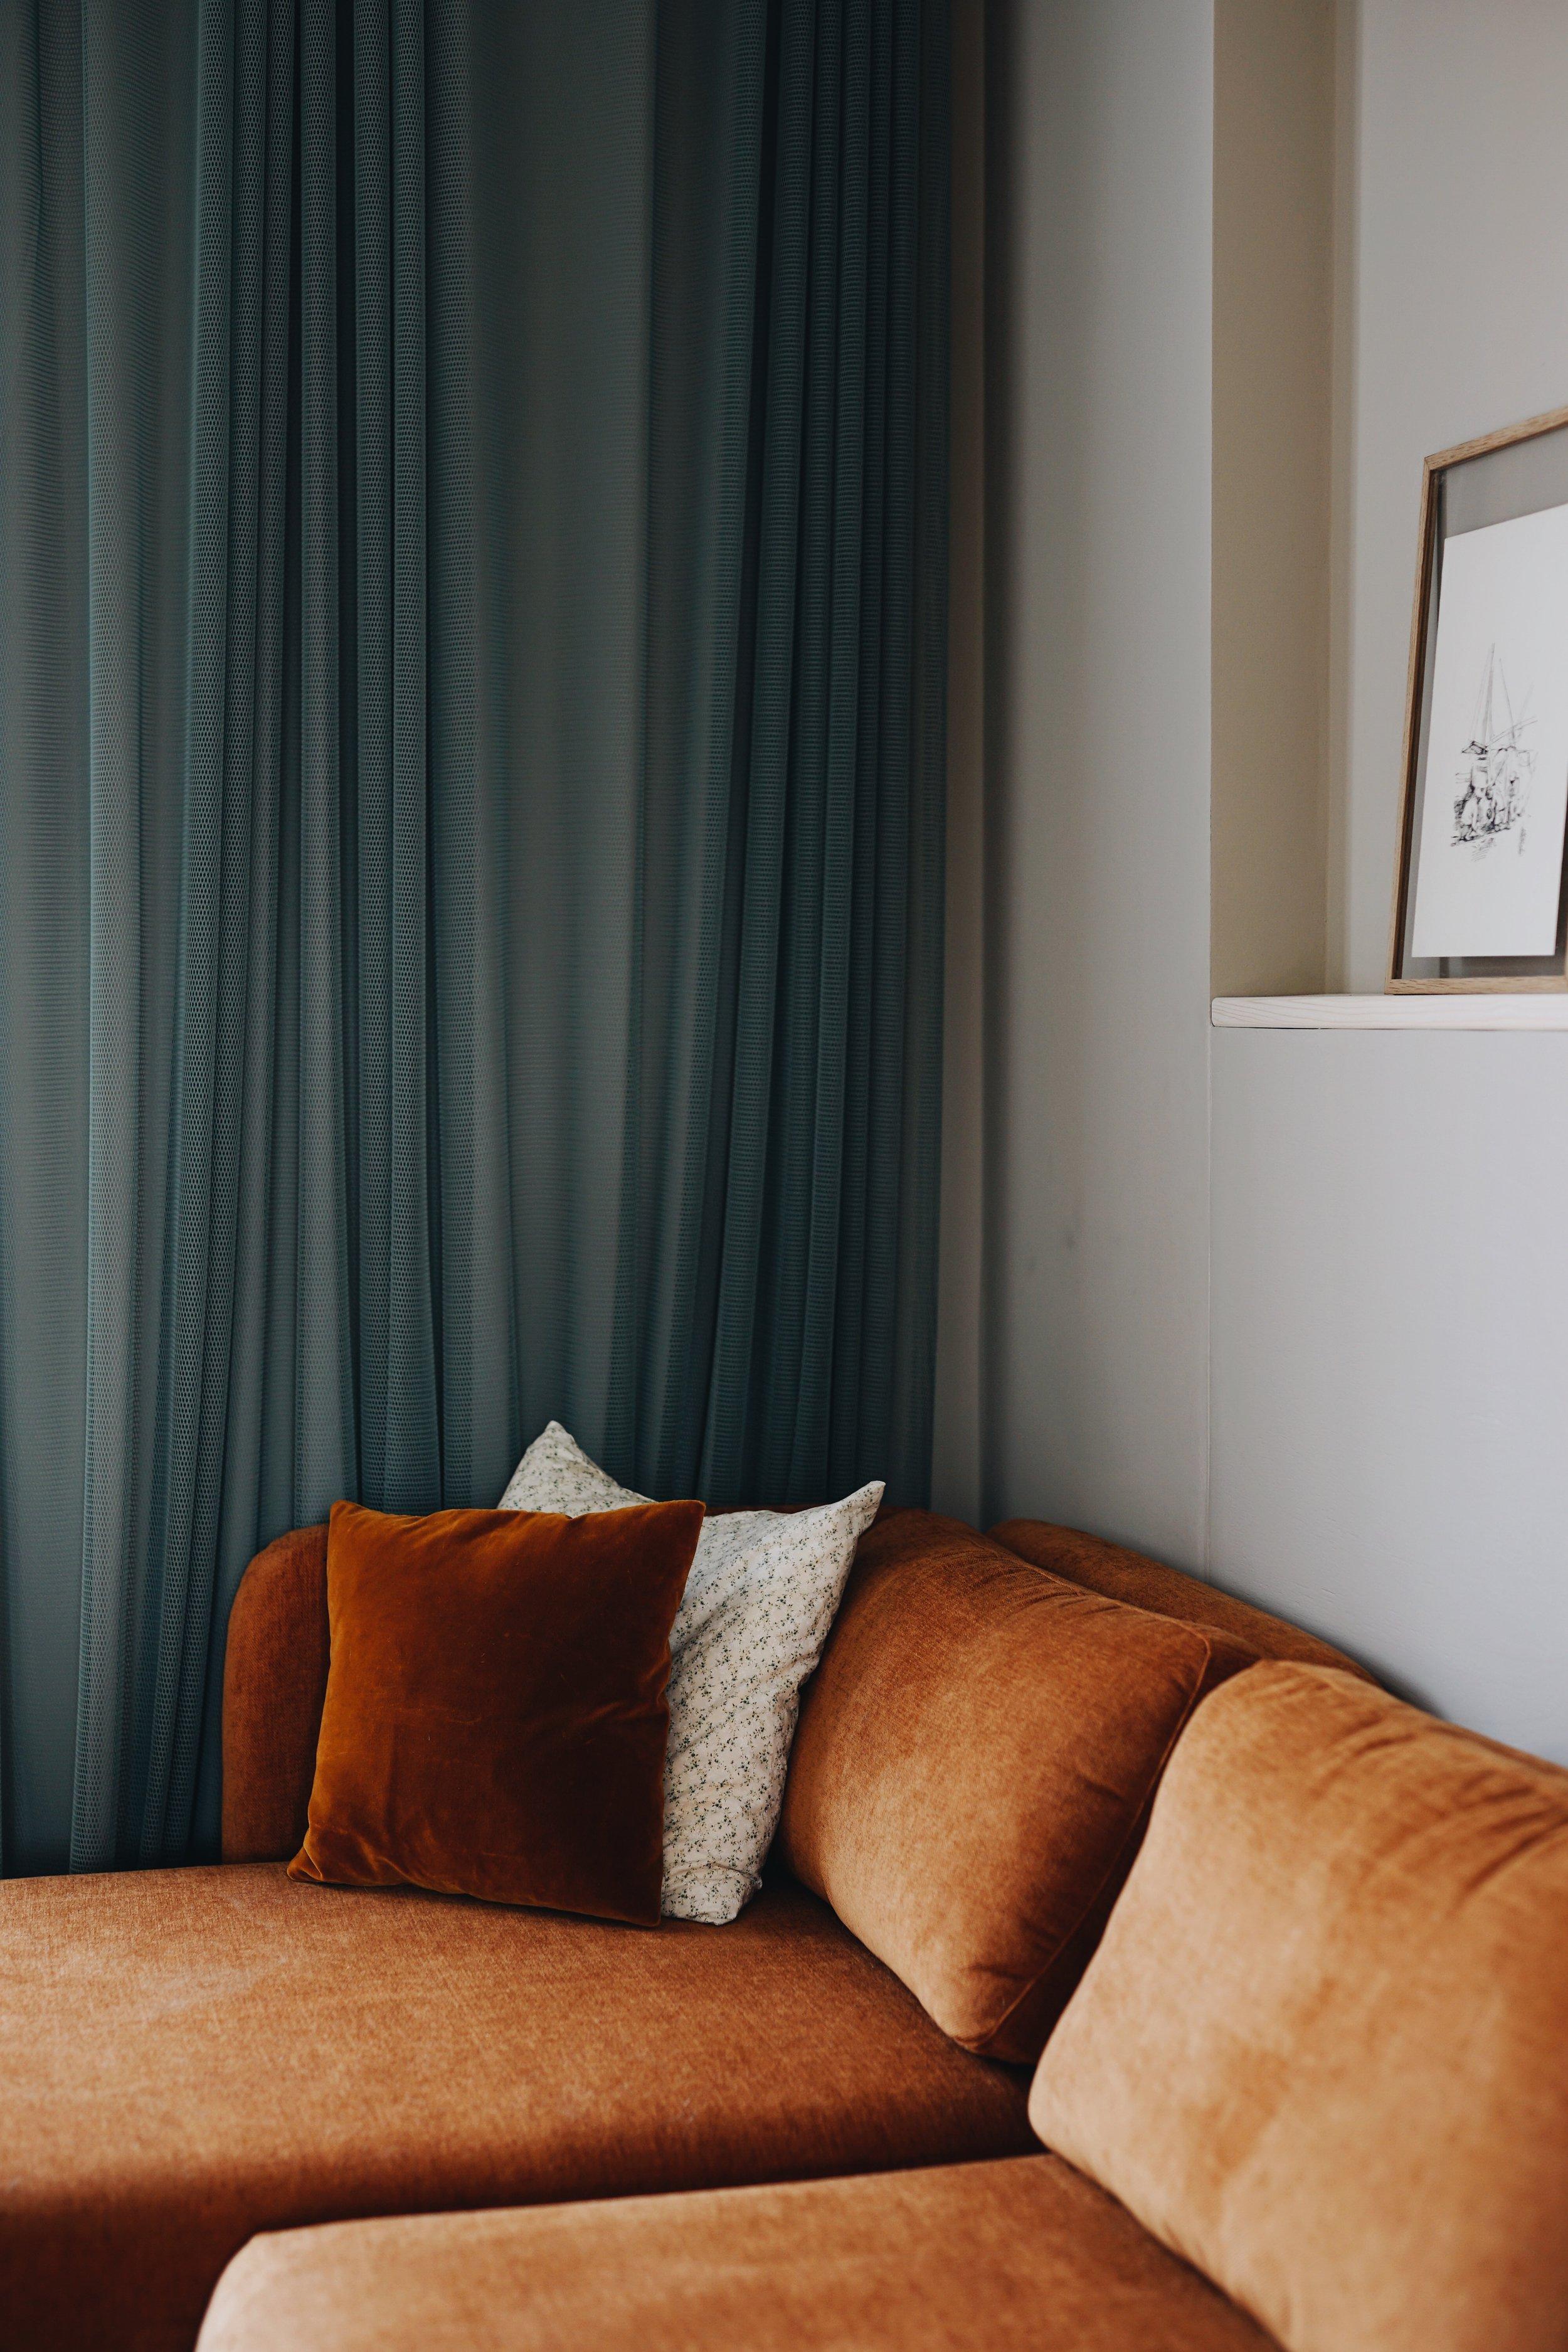 ASROSENVINGE_Arne Aksel_Curtains_Frederiksberg_Home-25.JPG